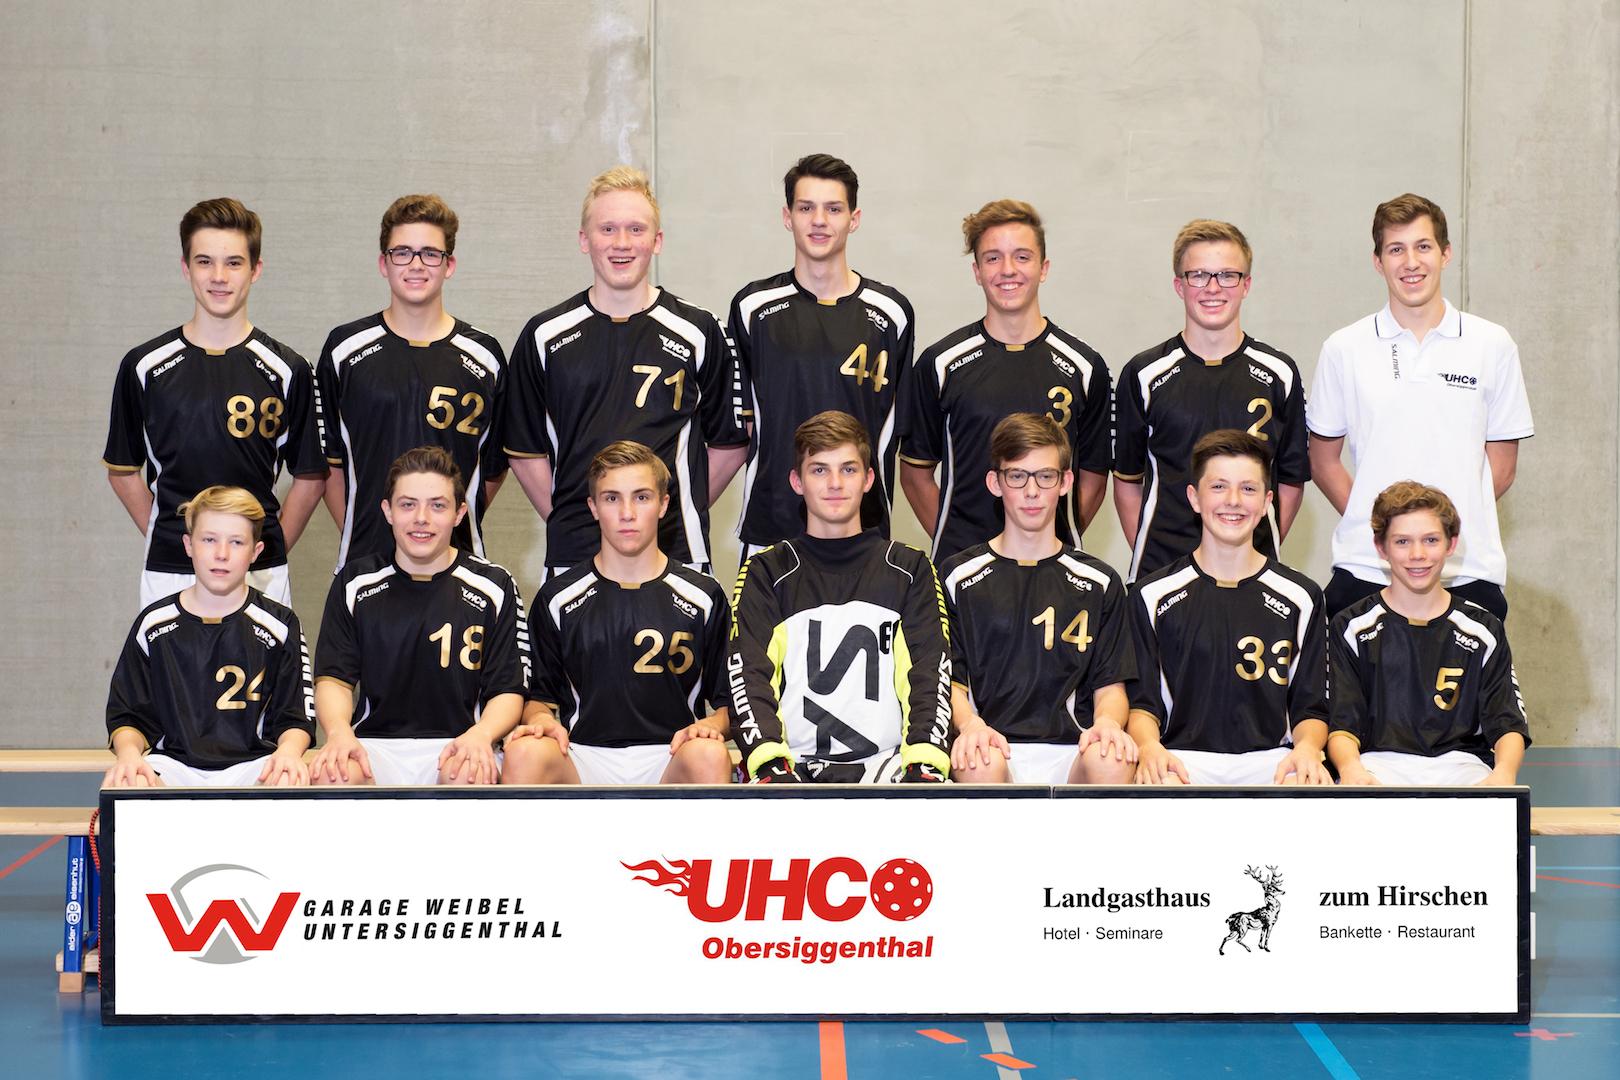 Teamfoto Junioren U18 2017/18